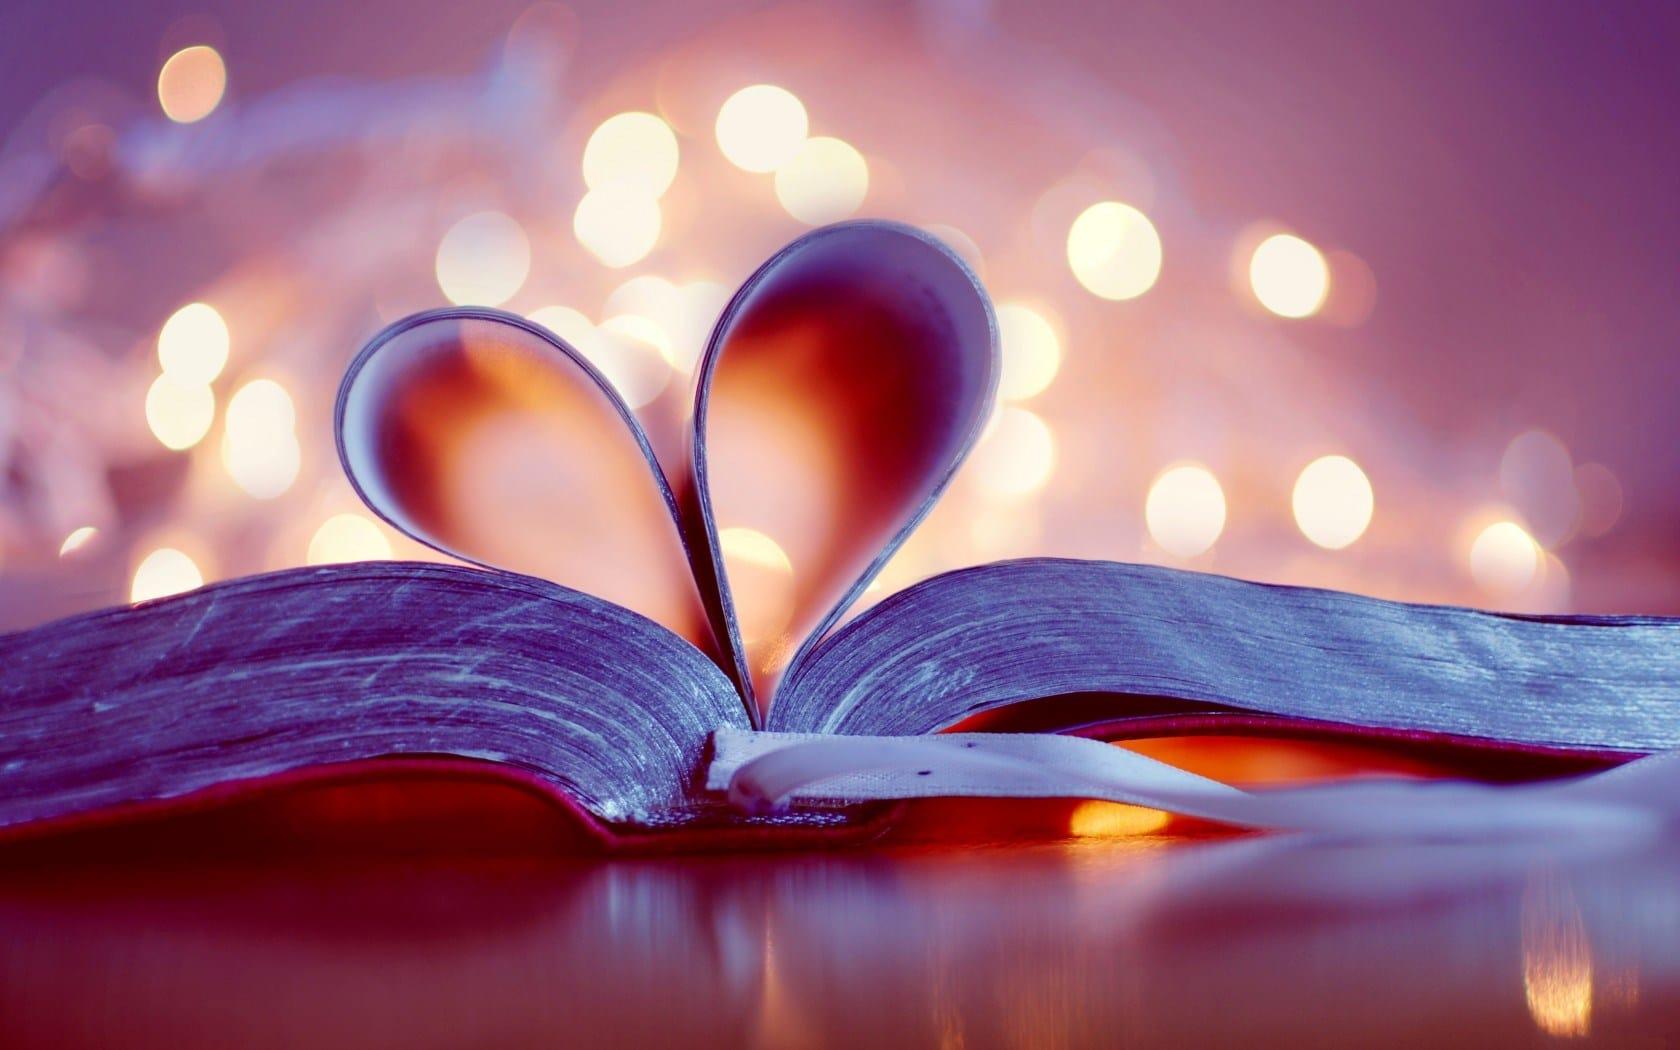 L'amore è come la felicità: richiede coraggio <br> Pensiero della sera